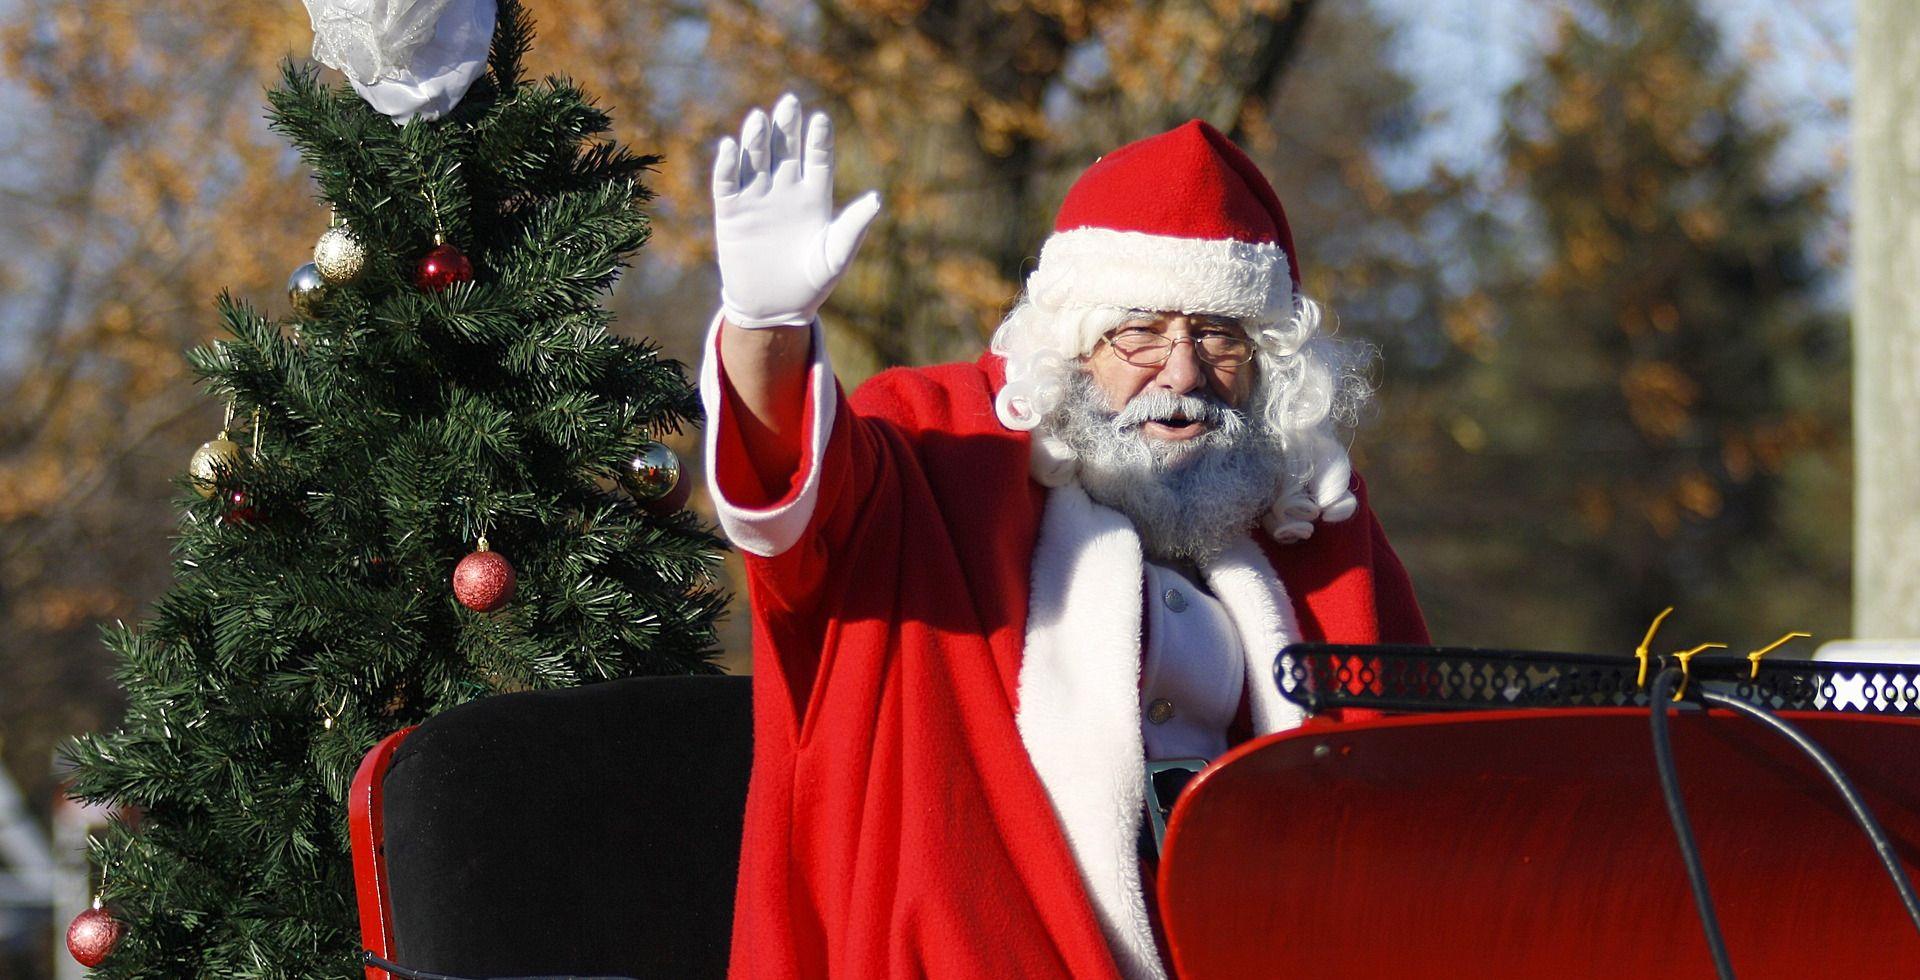 MODNI TRENDOVI Kako bi izgledao moderni Djed Božićnjak?